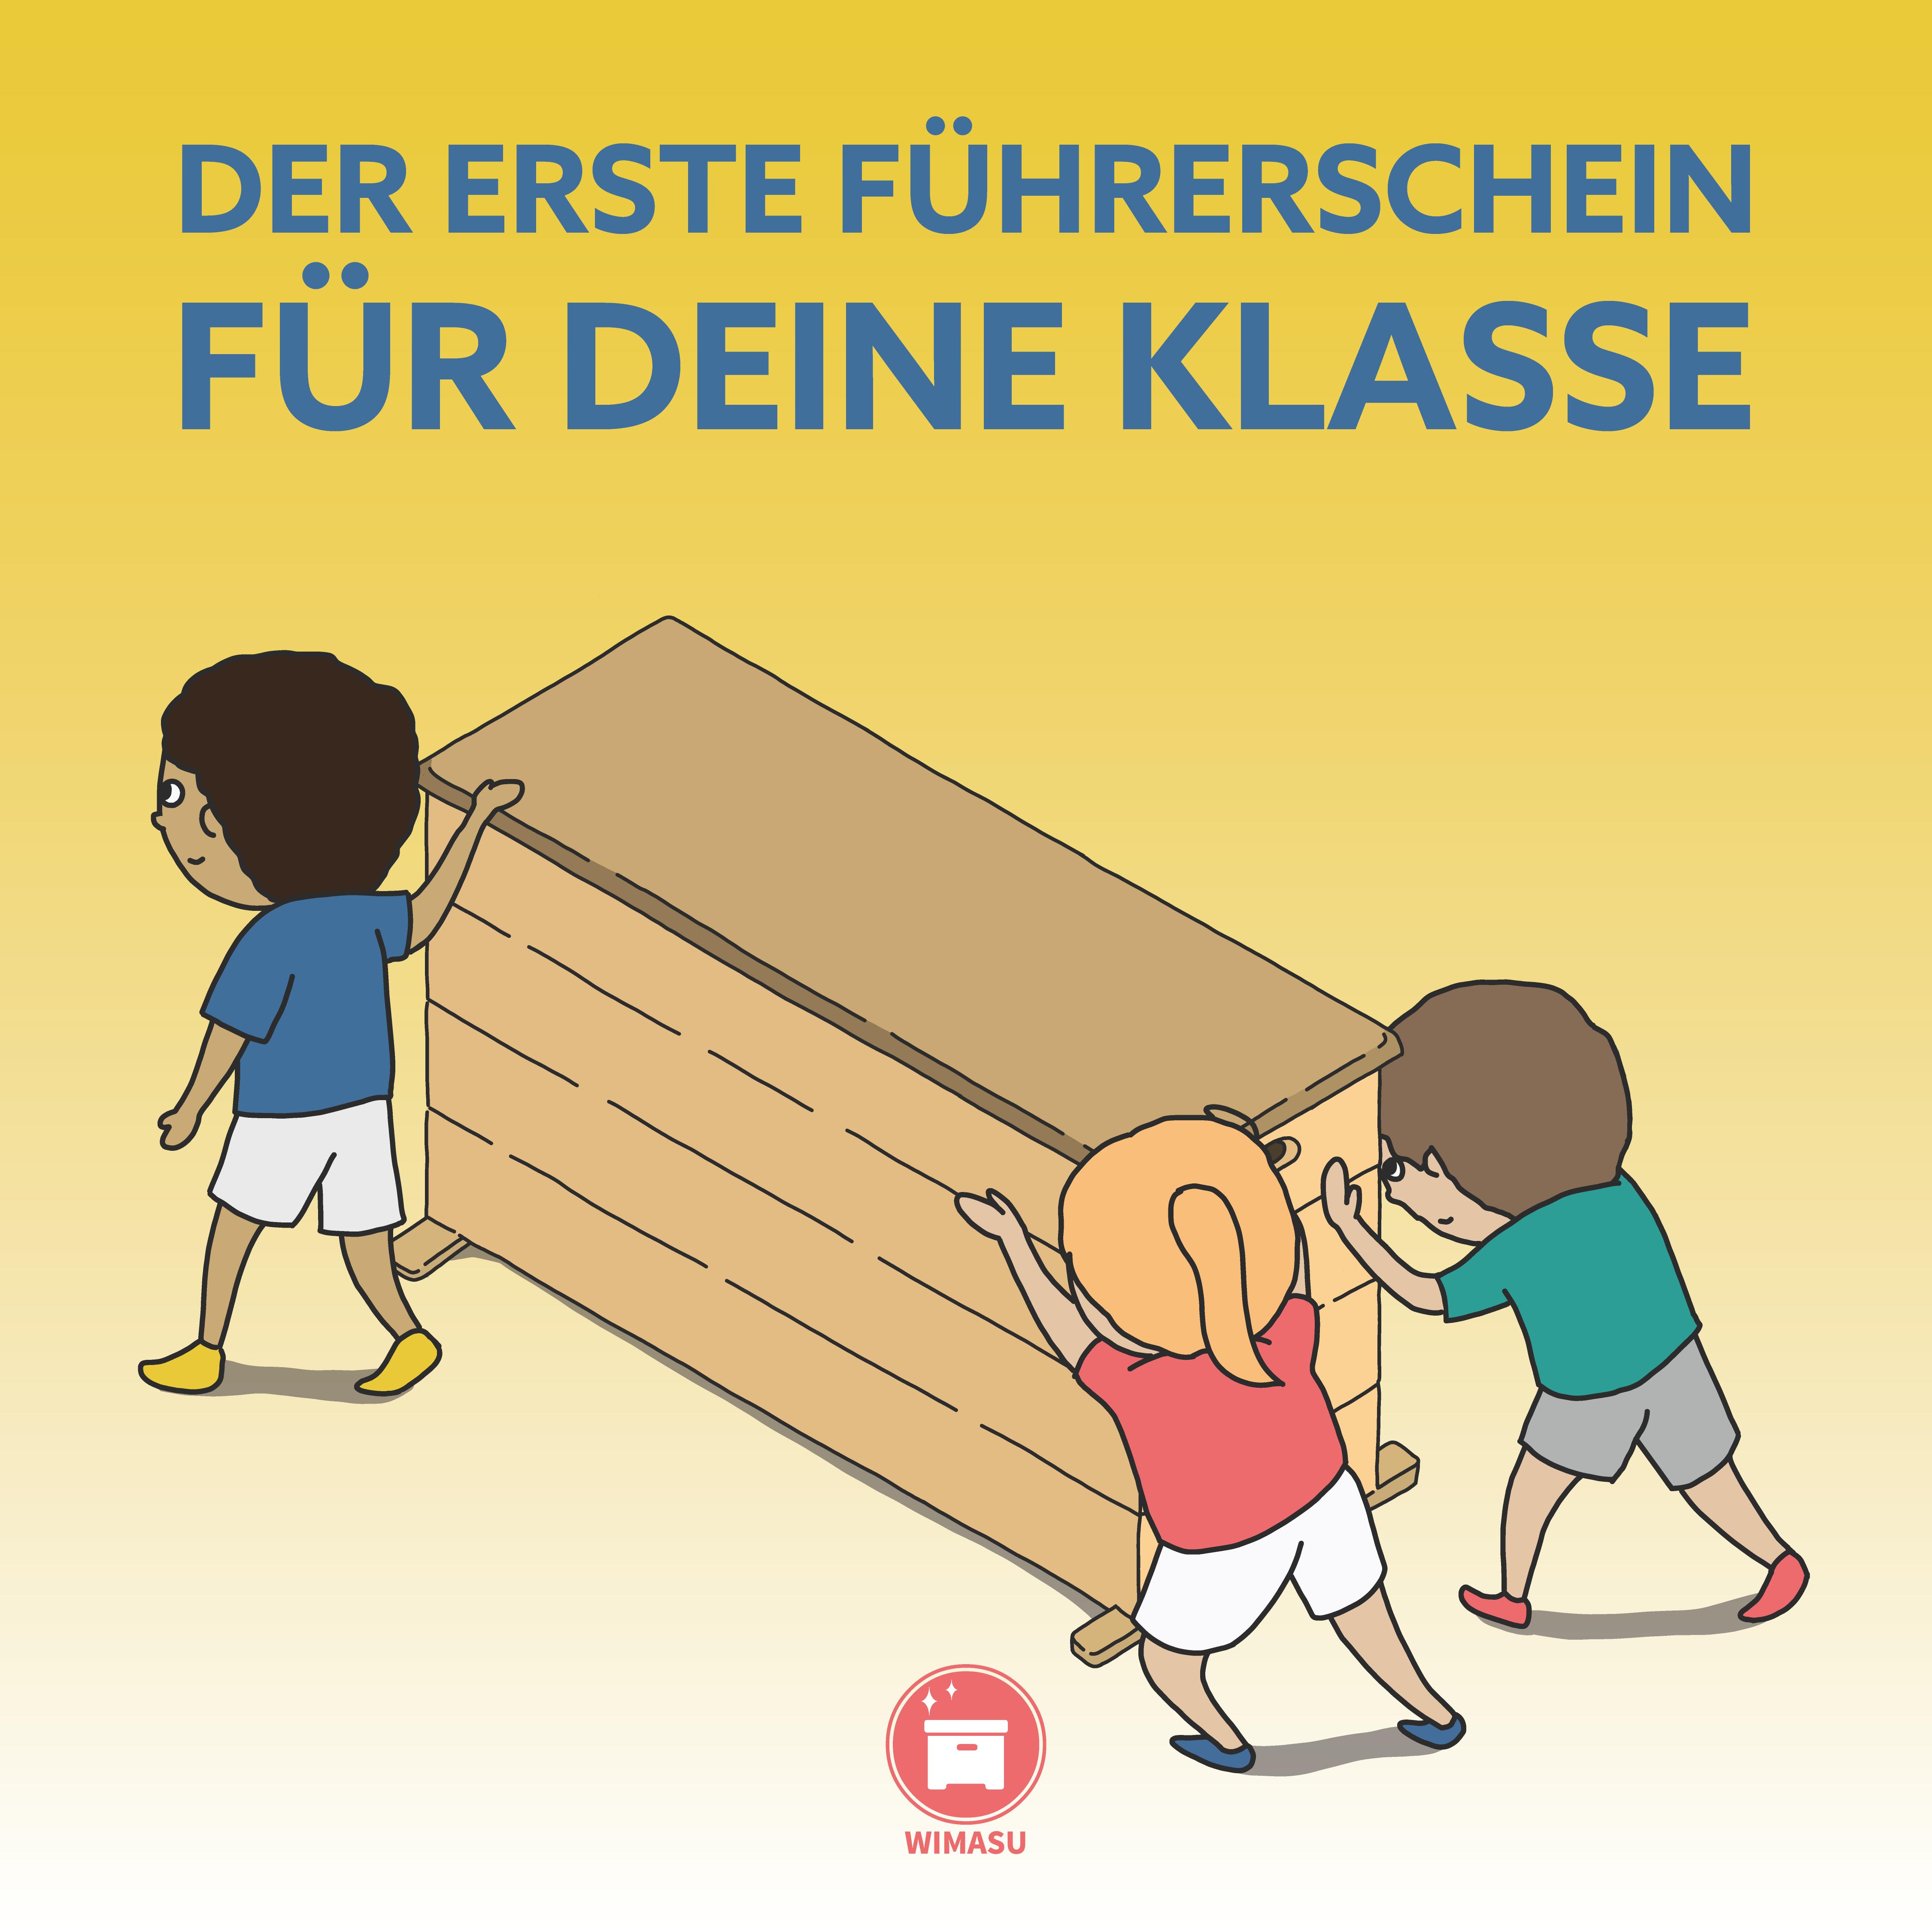 Geräteführerschen_Sportunterricht_WIMASU_Grundschule